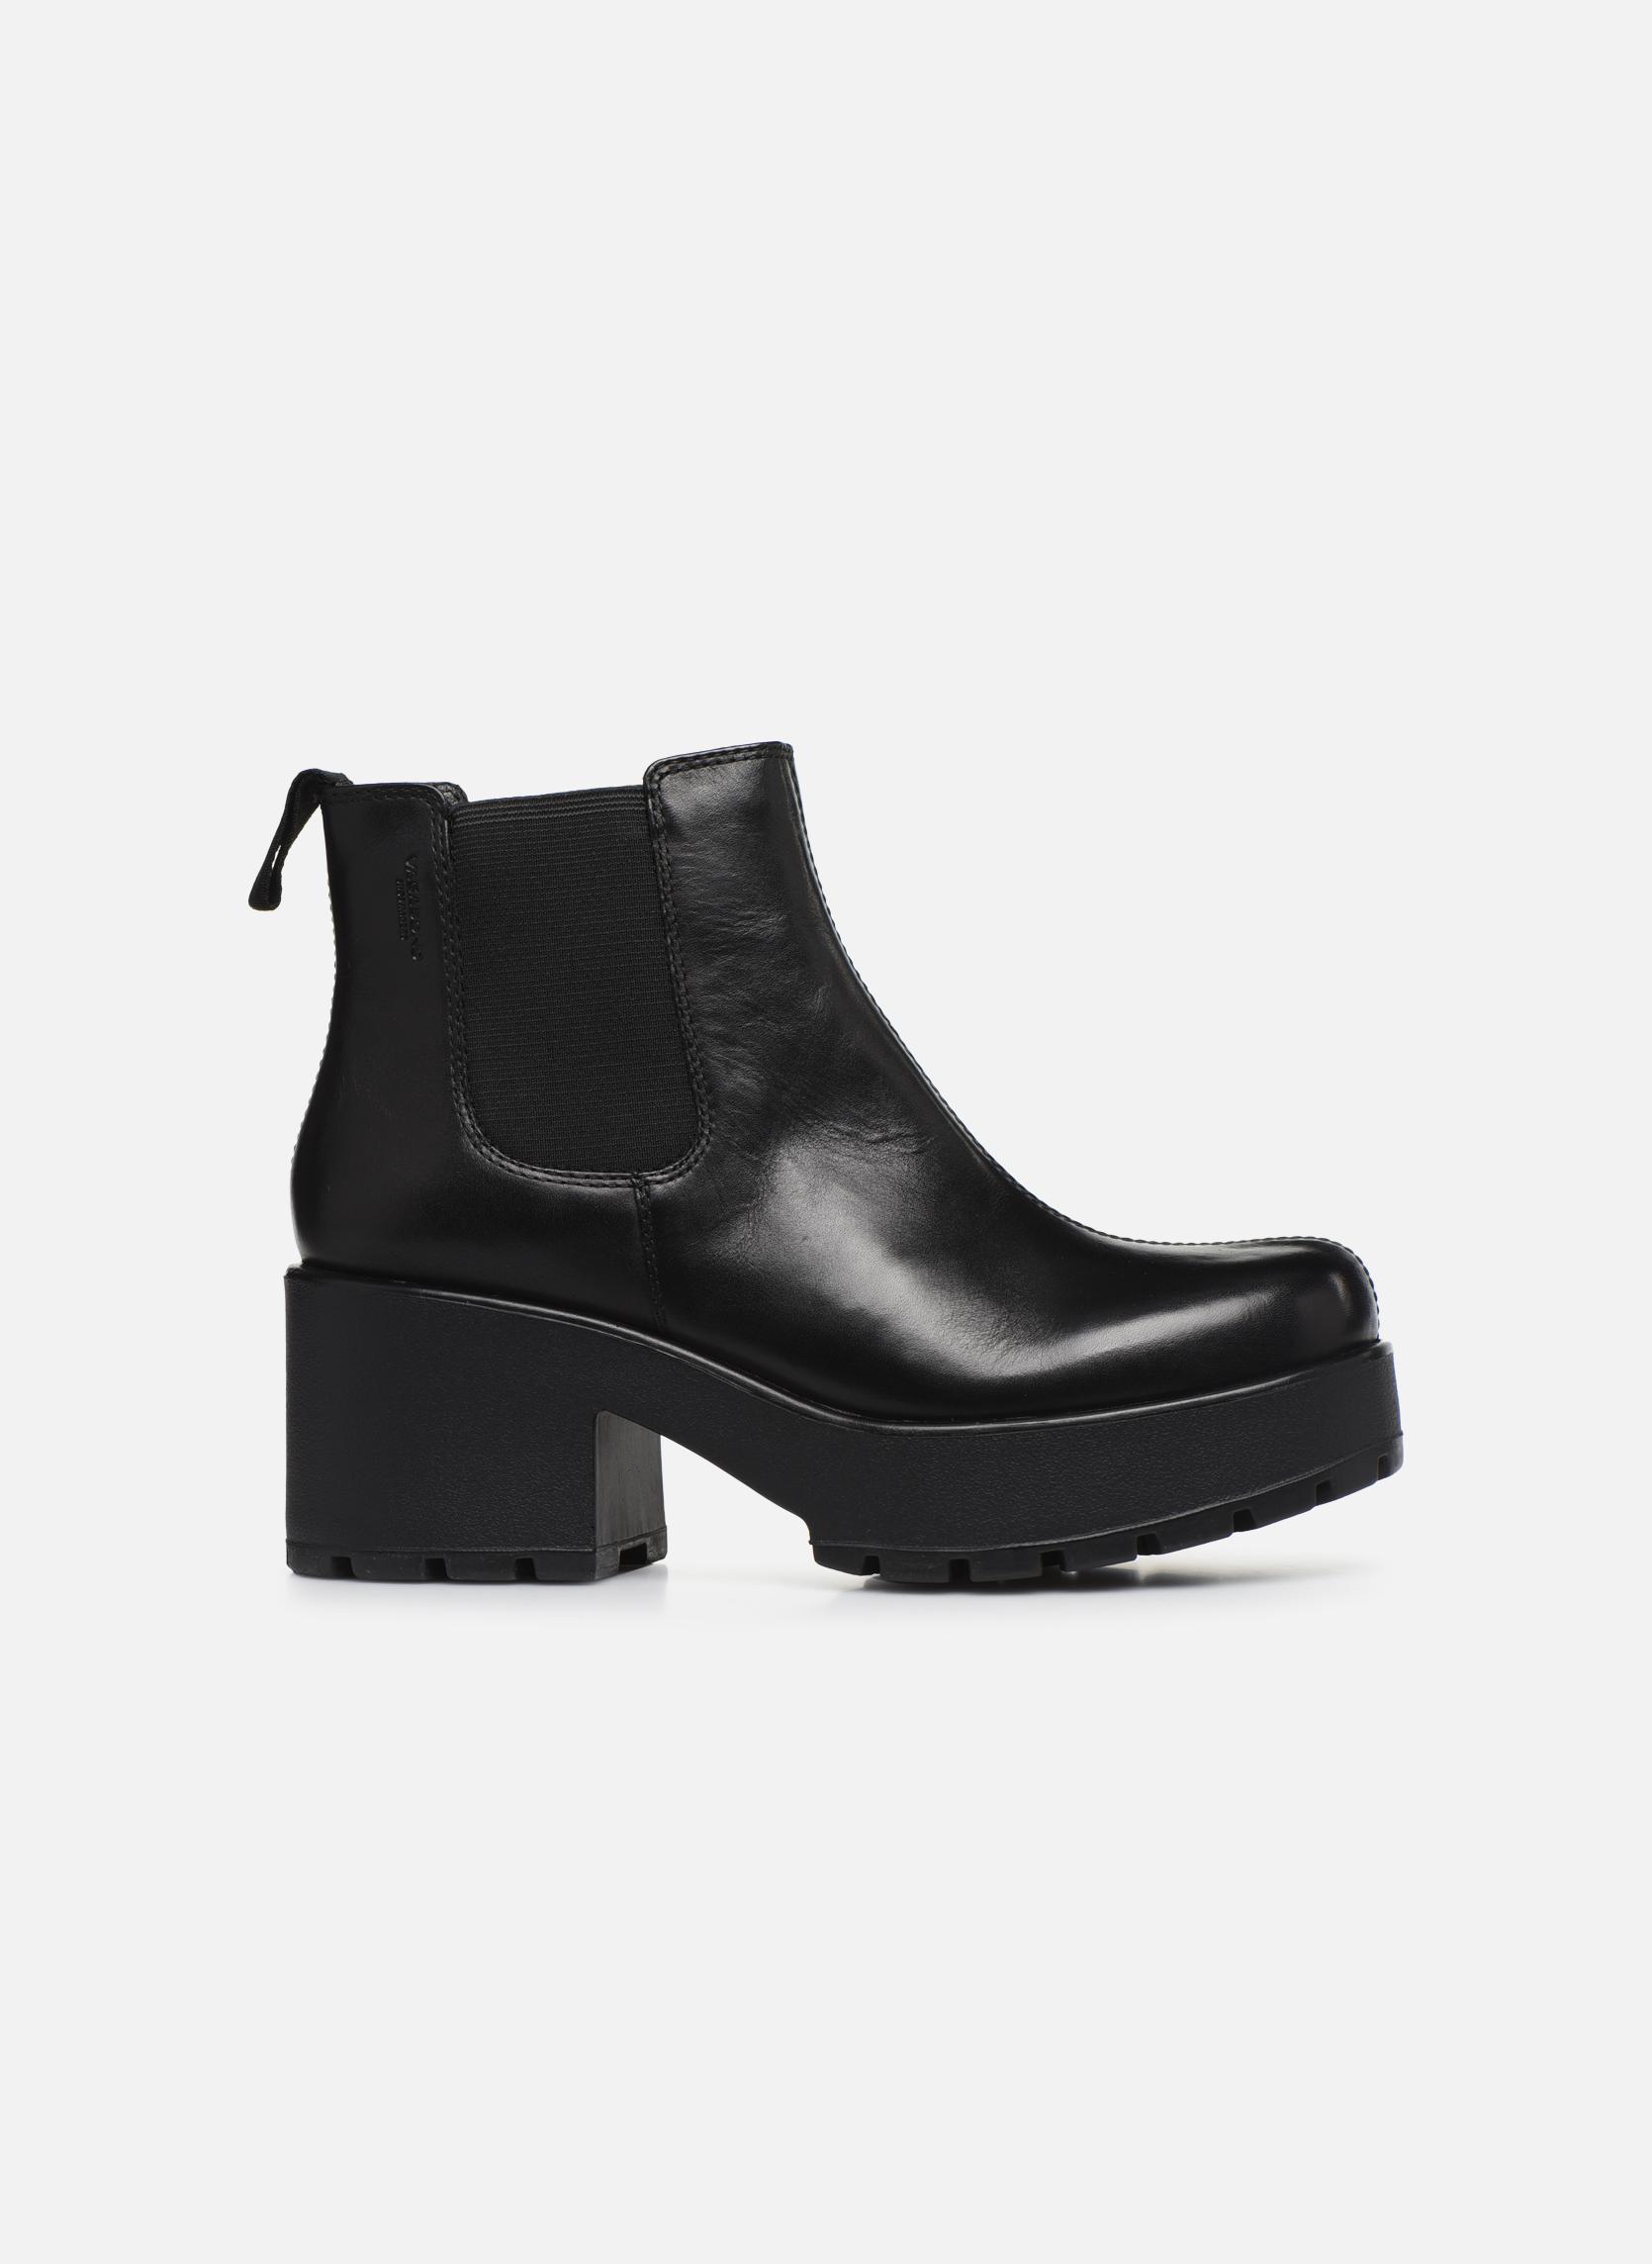 Dioon 4247-201 Black